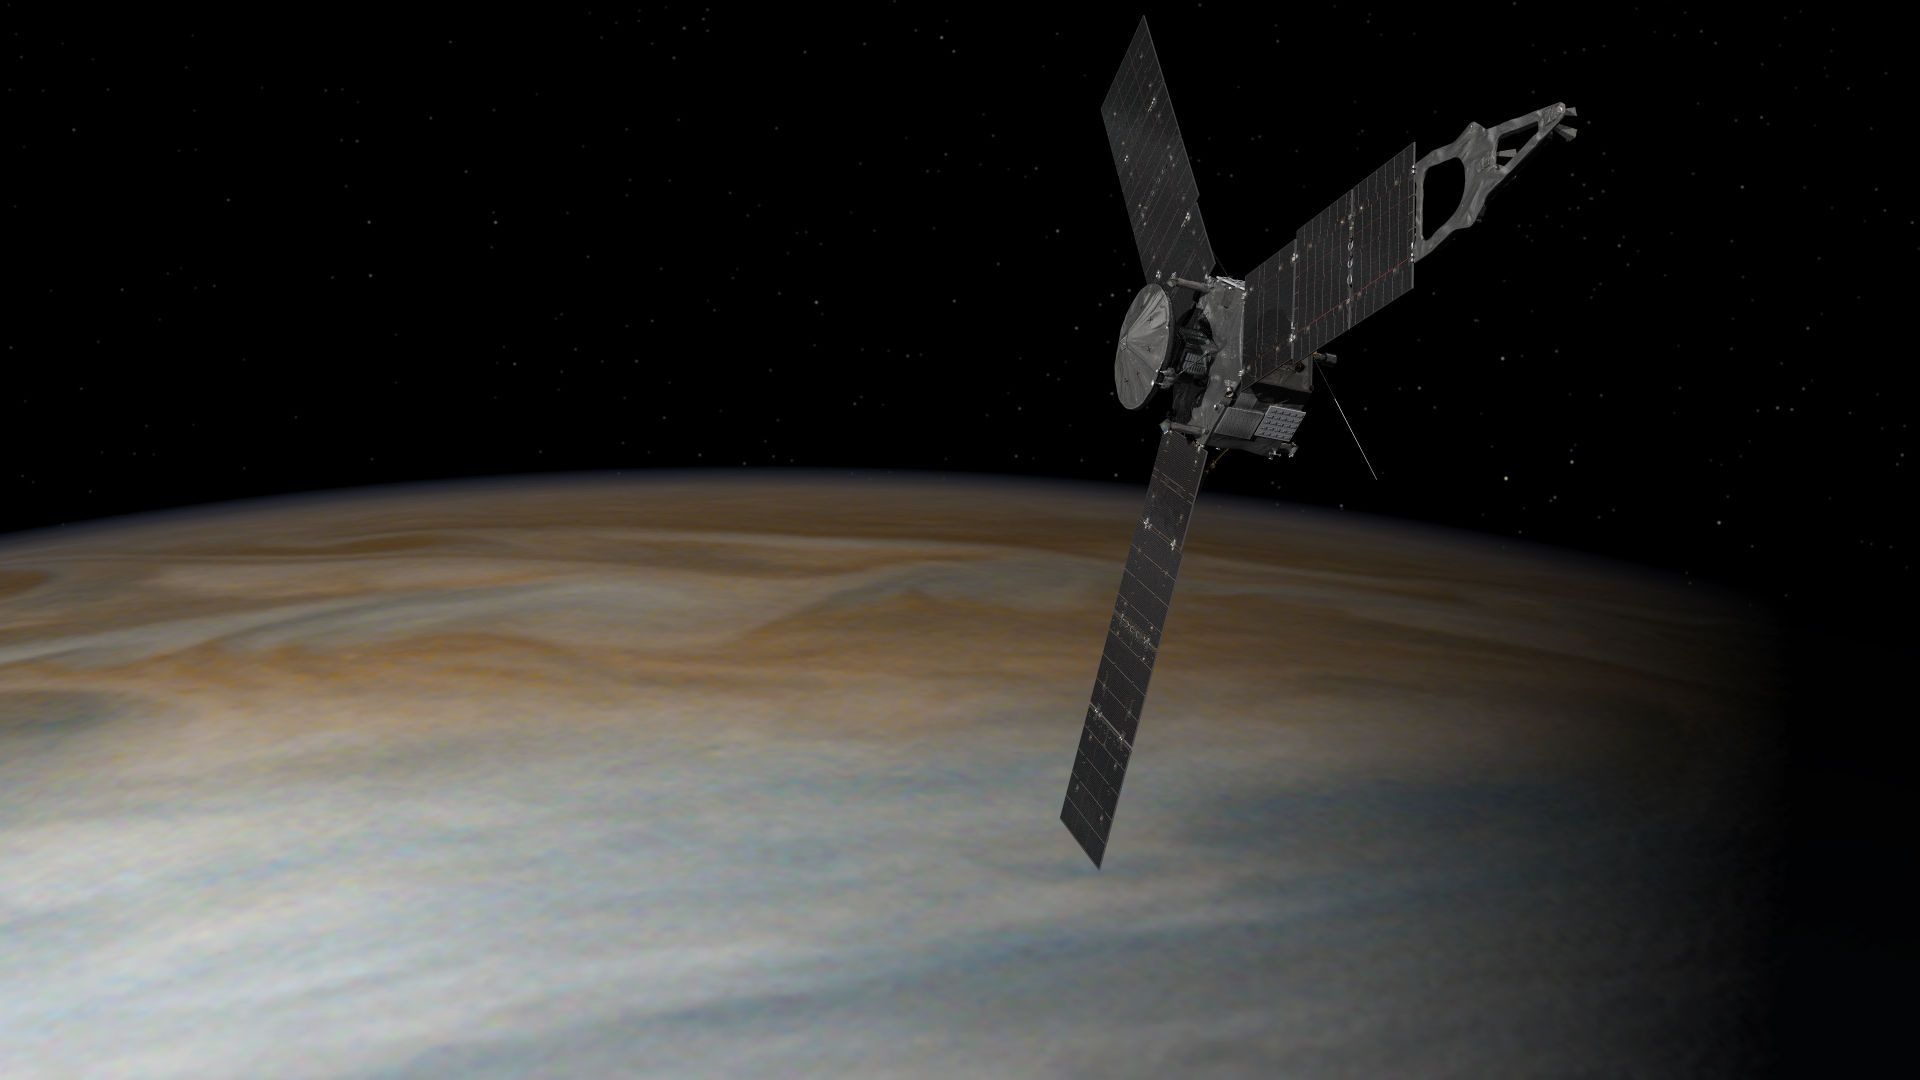 L'histoire de Juno, la sonde de la Nasa qui arrive sur Jupiter après une odyssée de cinq ans